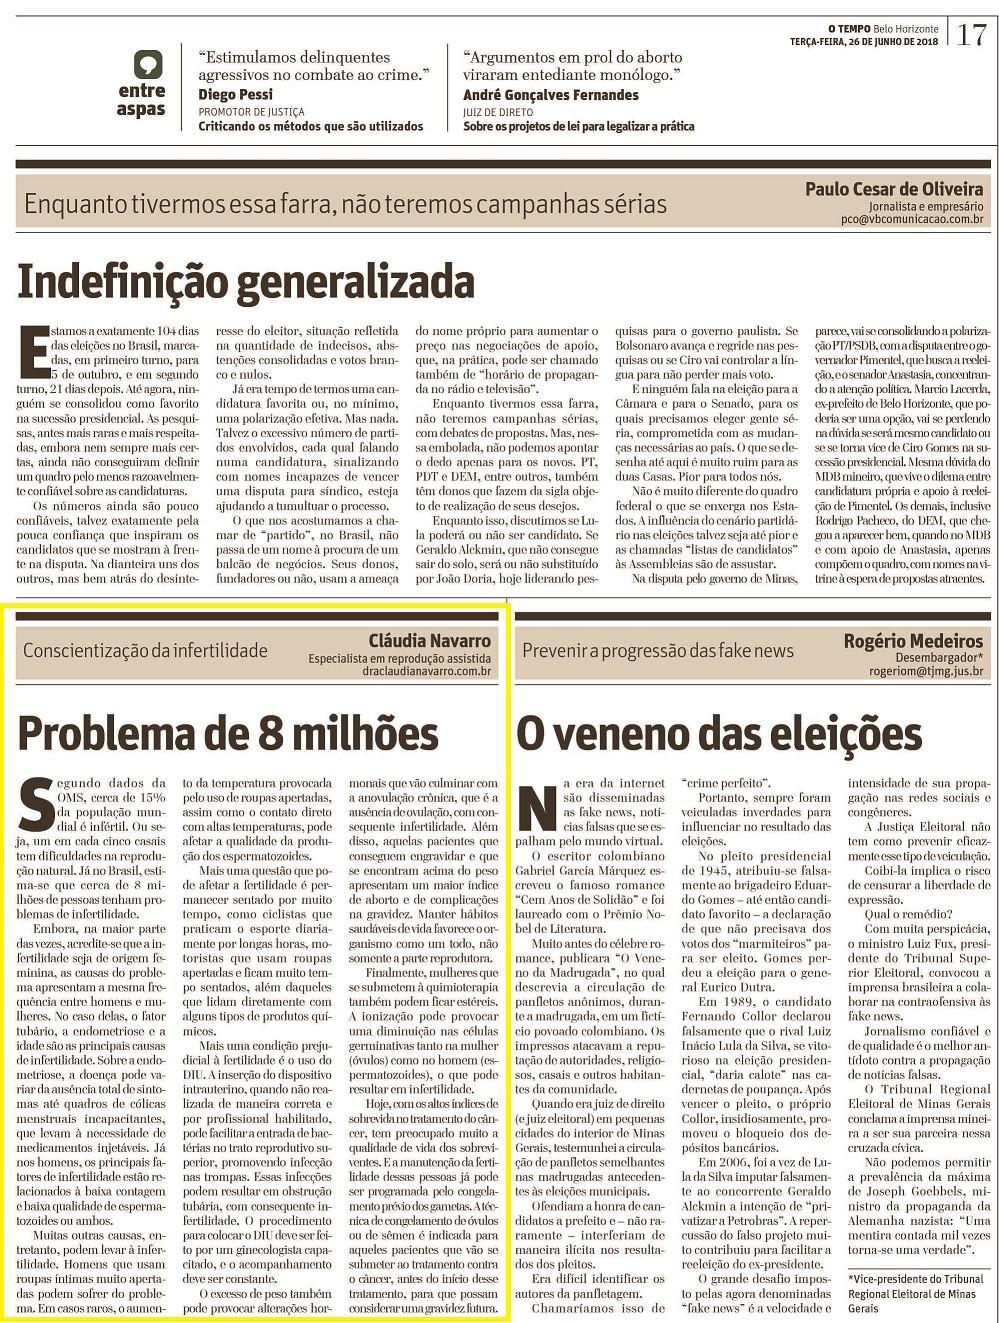 """Jornal O Tempo (impresso) – Artigo """"Conscientização da Infertilidade"""""""